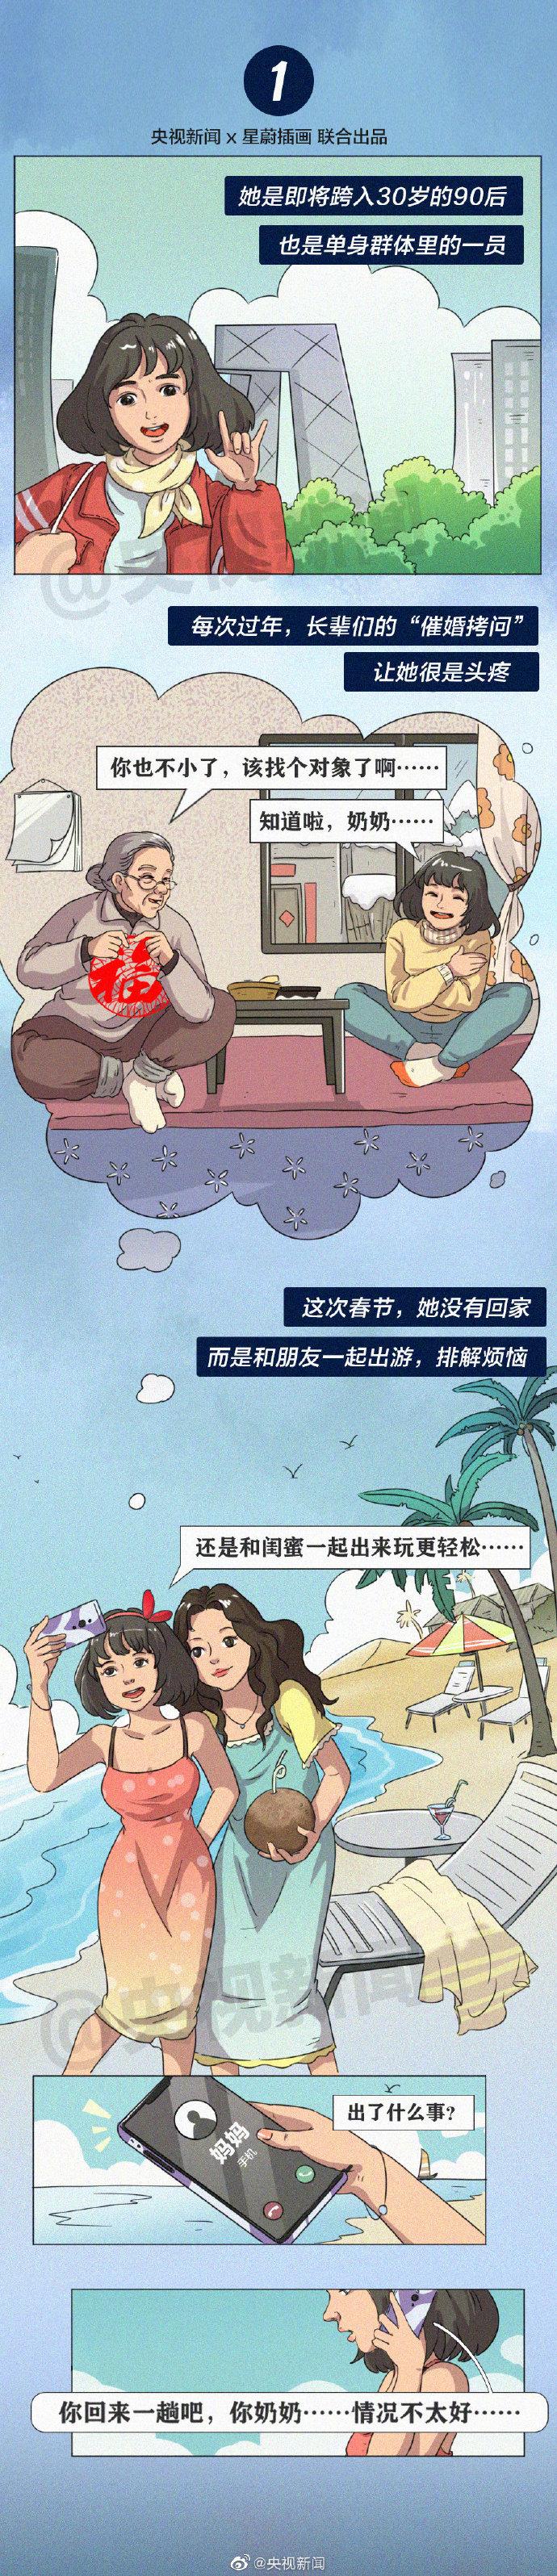 """【星蔚插画×央视新闻除夕夜的""""局外人"""""""